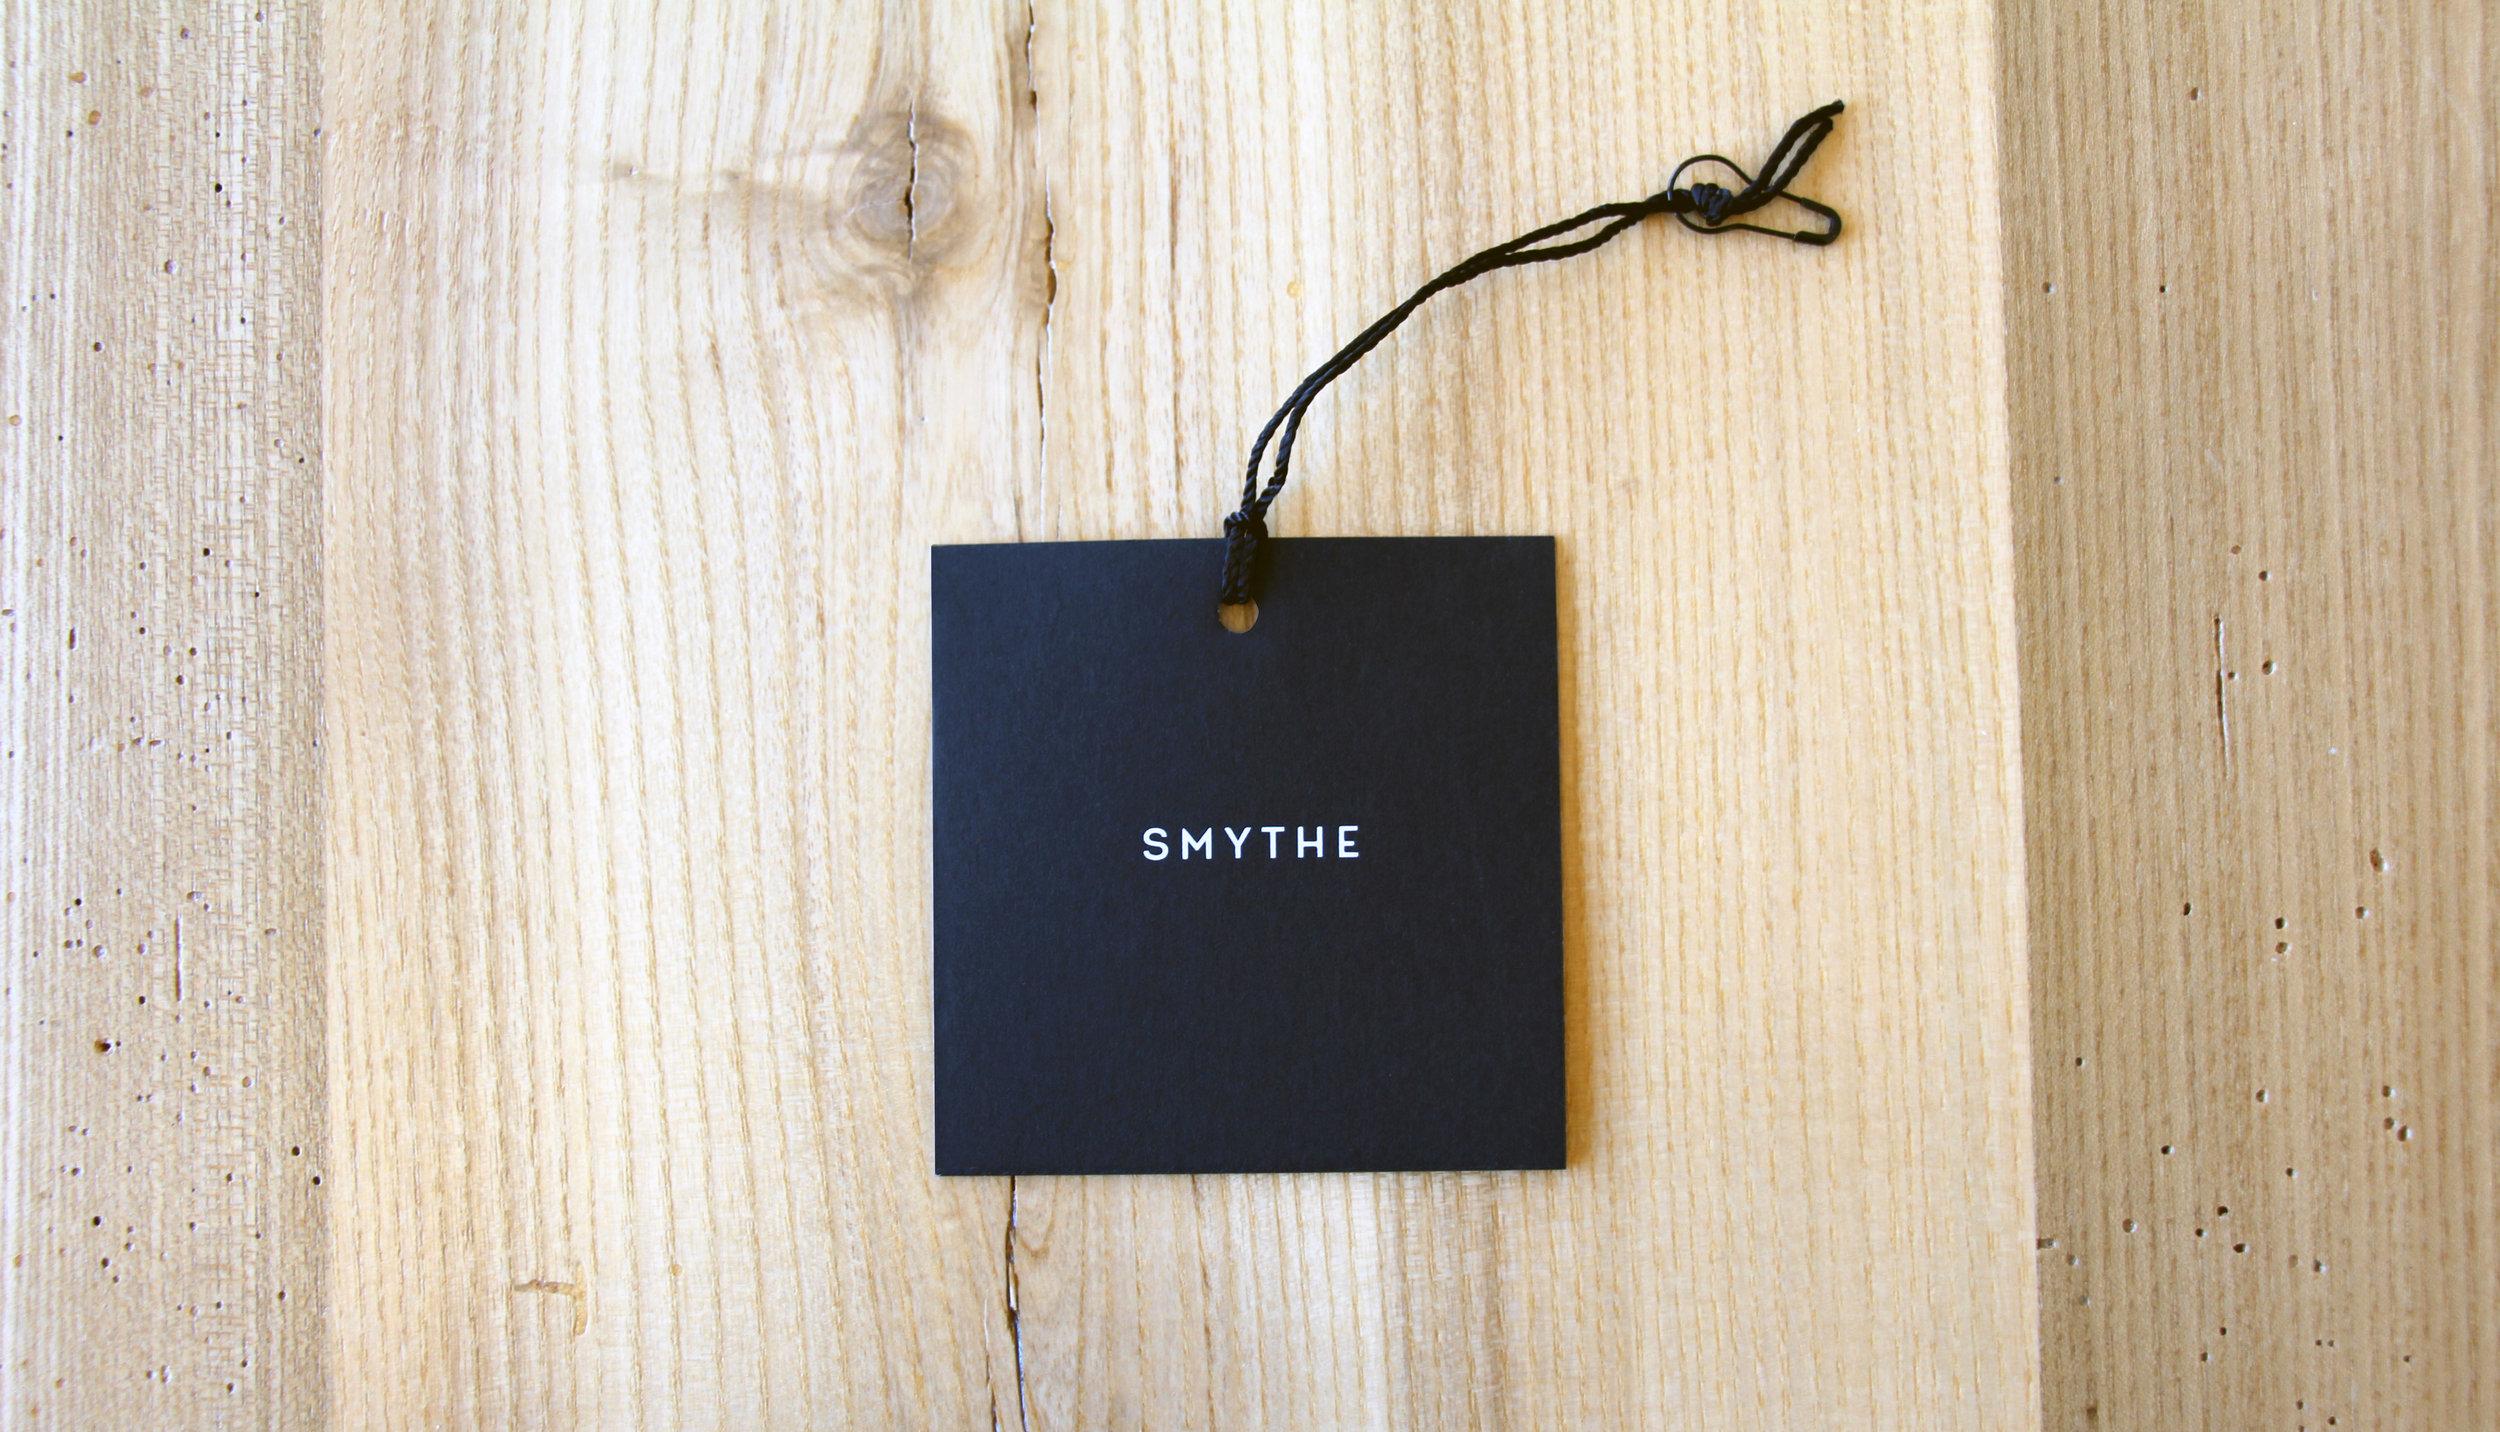 Smythe_6.1.jpg